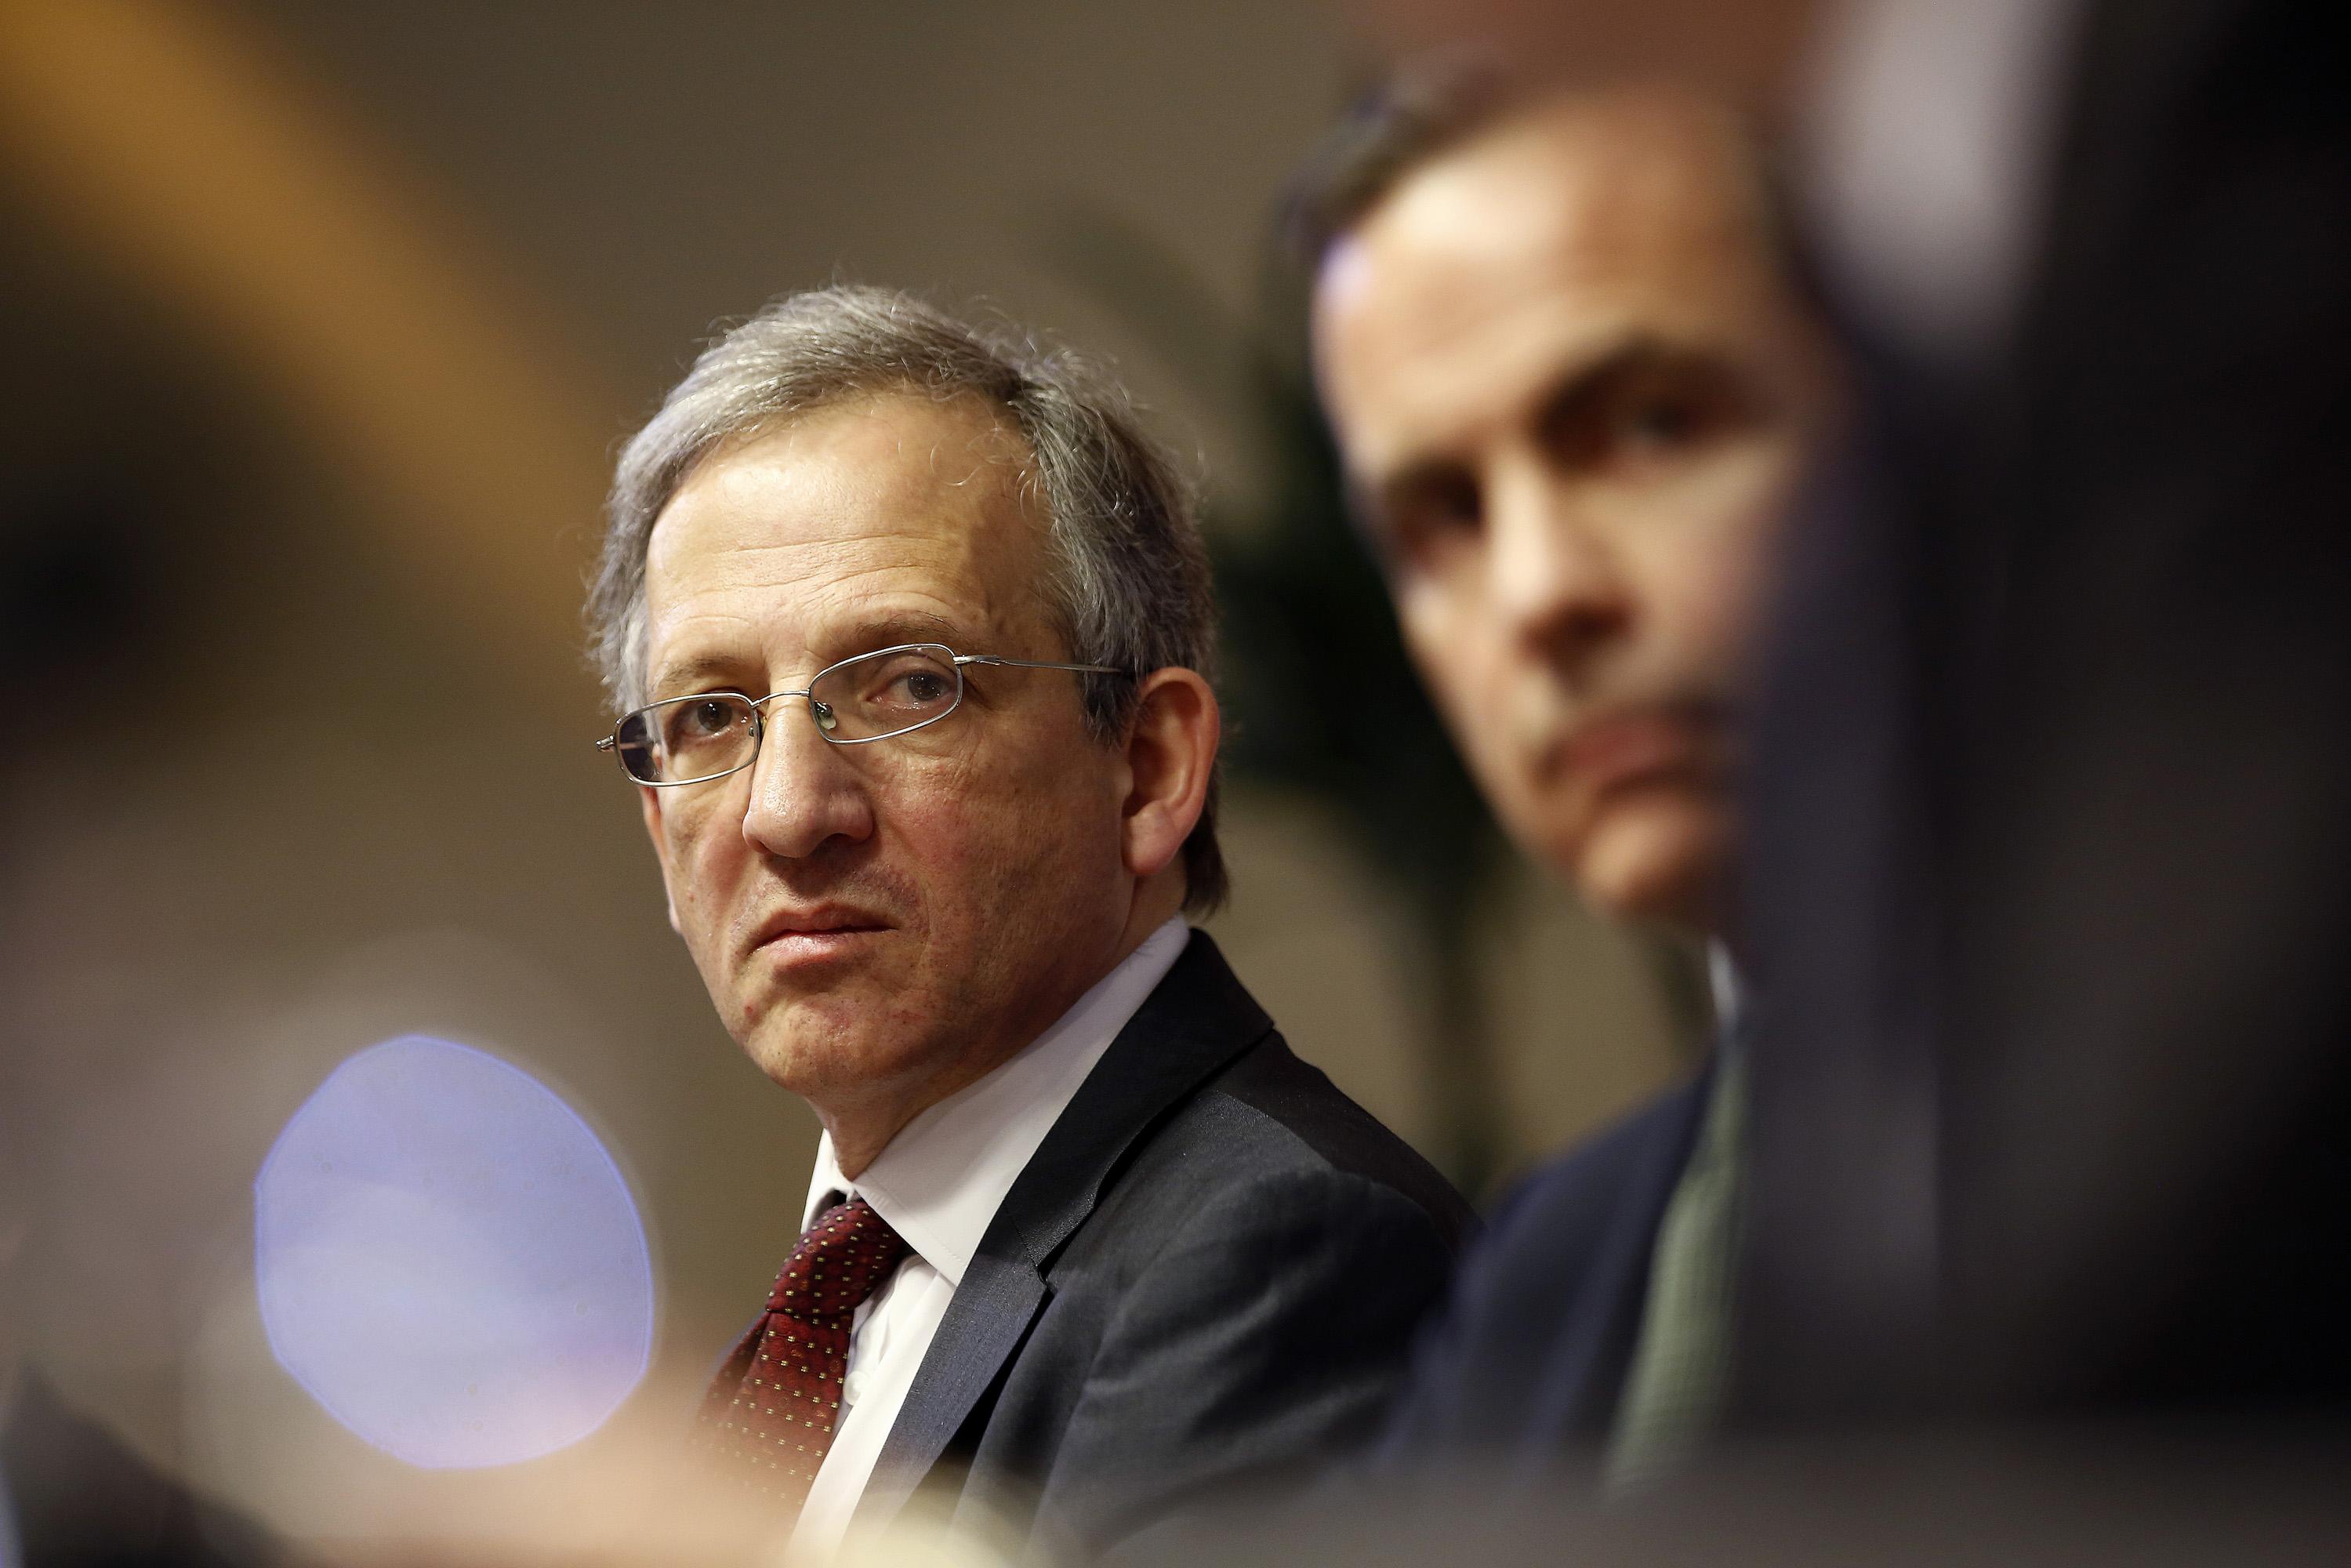 كانلايف: بنك إنجلترا مازال يؤكد على الرفع التدريجي البطئ لمعدلات الفائدة